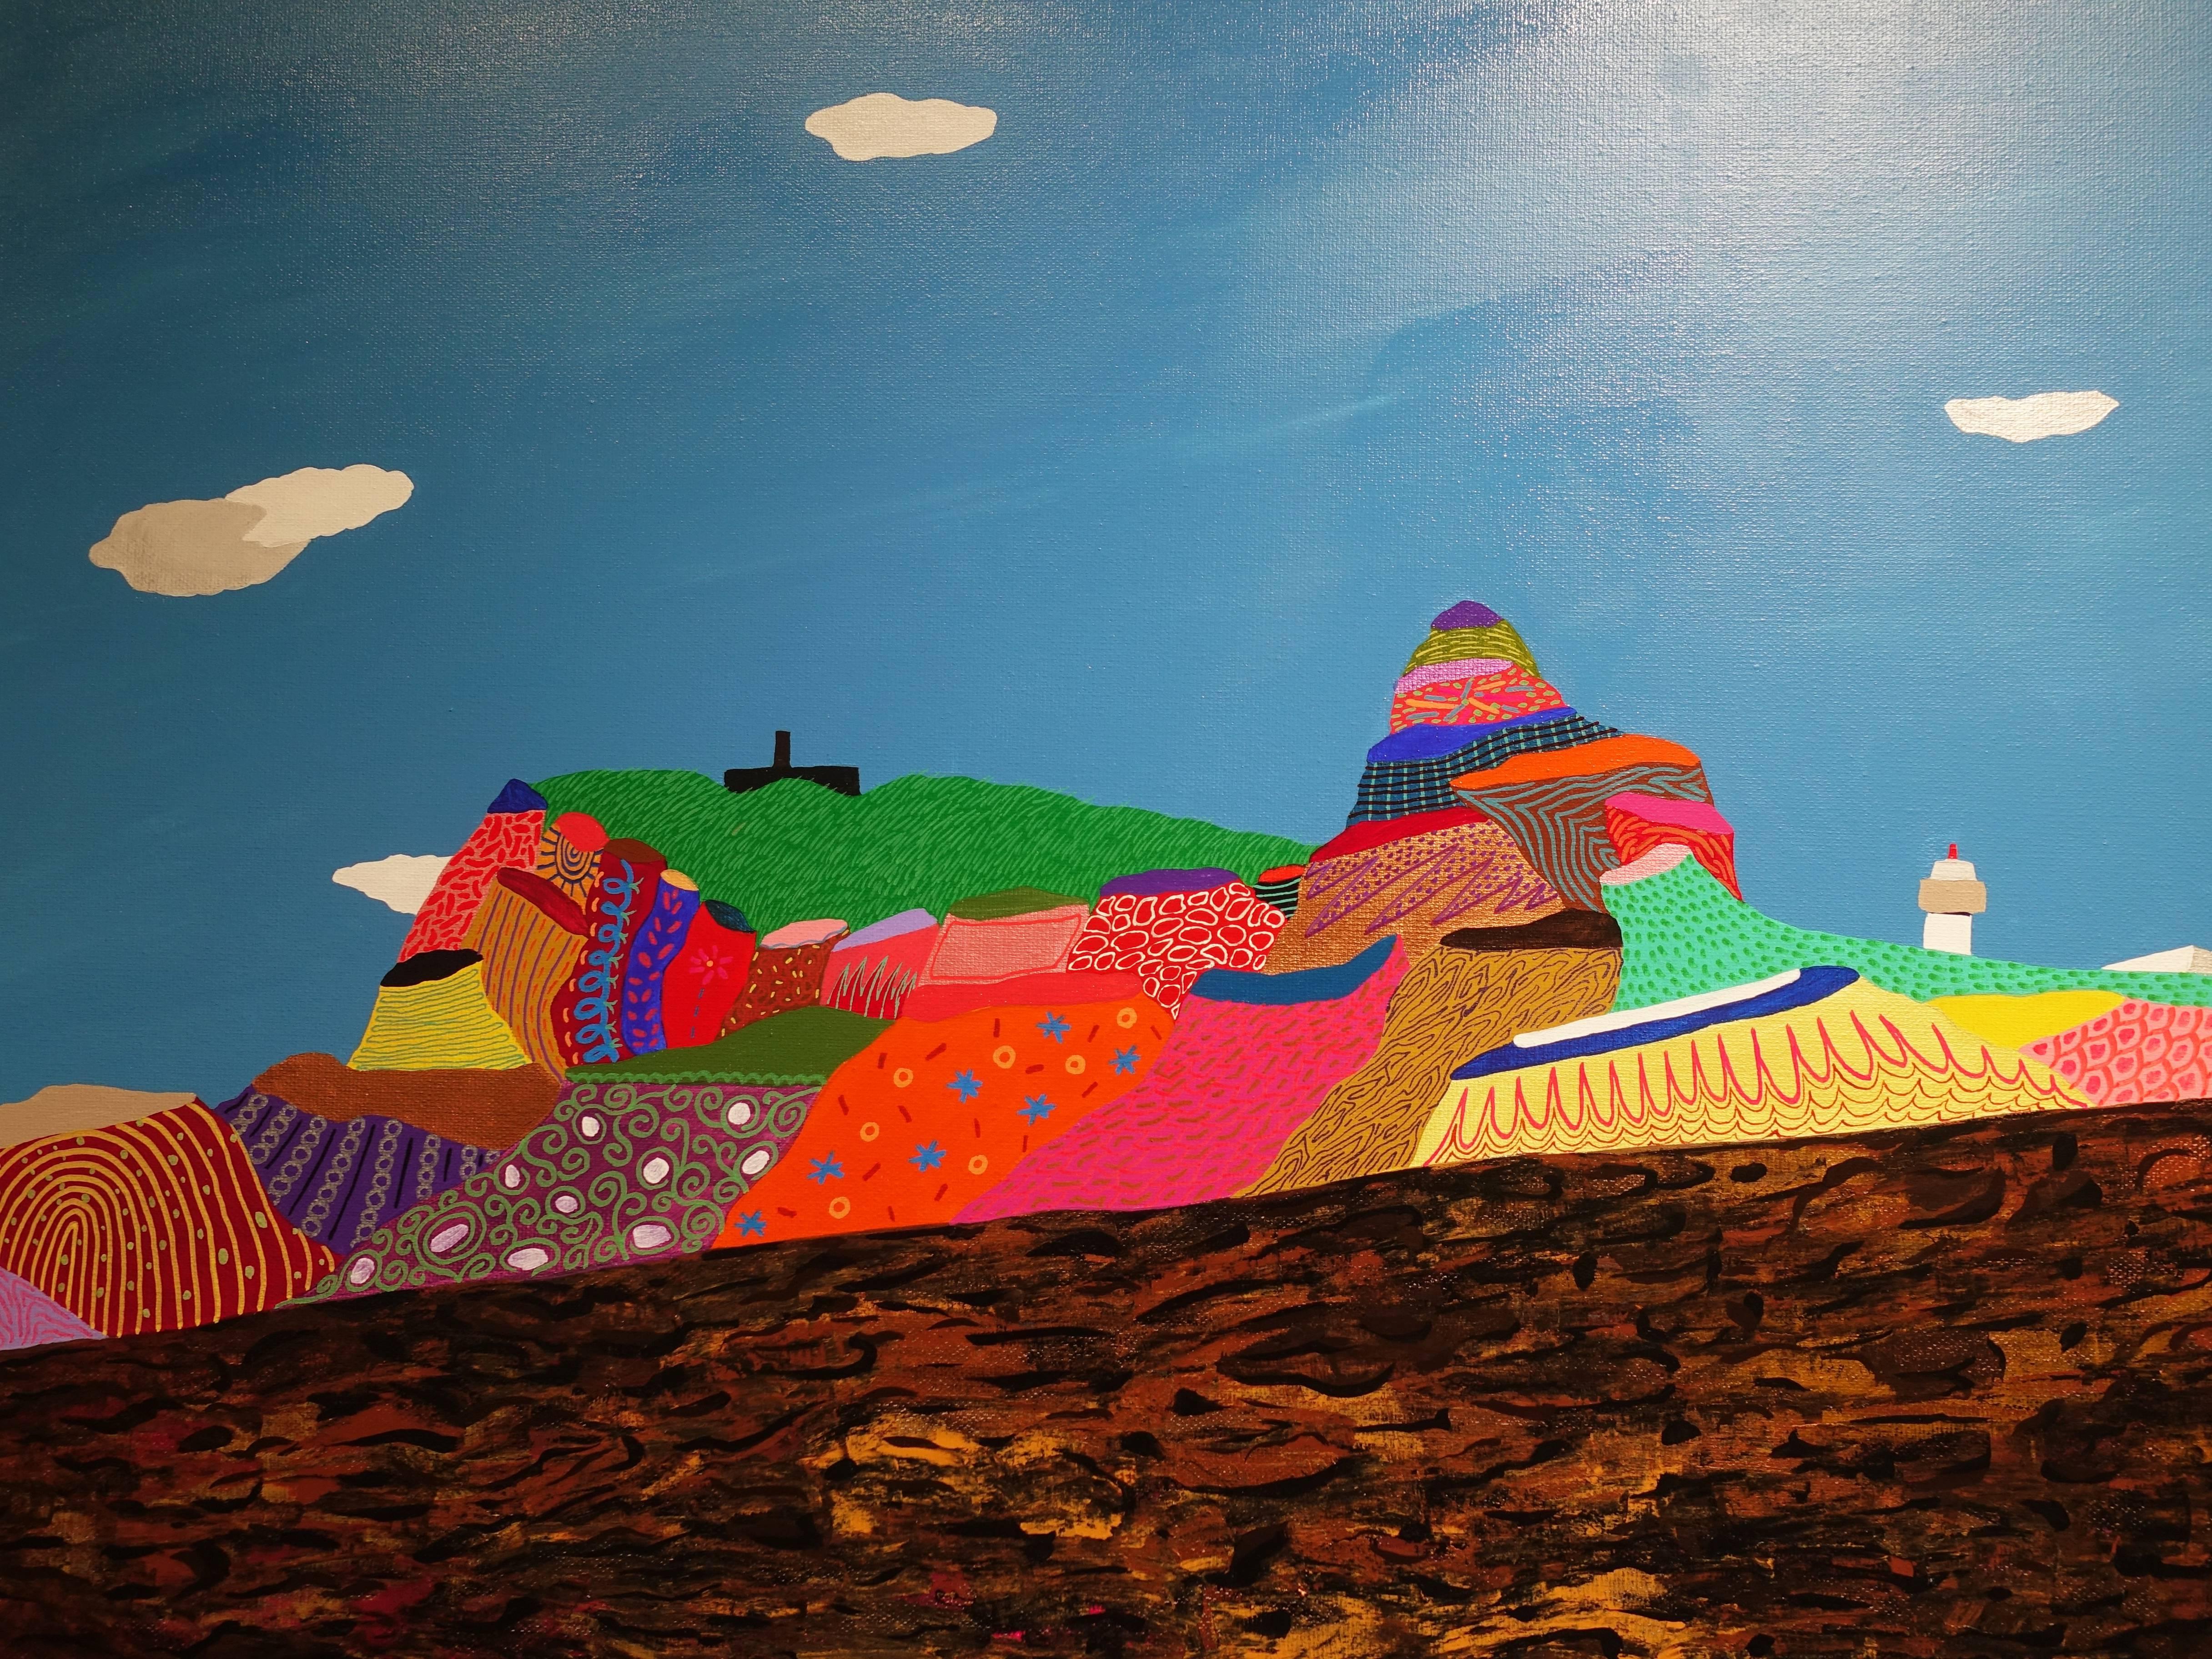 盧俊翰,《鼻頭角軍艦岩》, 130 x 80 cm,壓克力,2019。